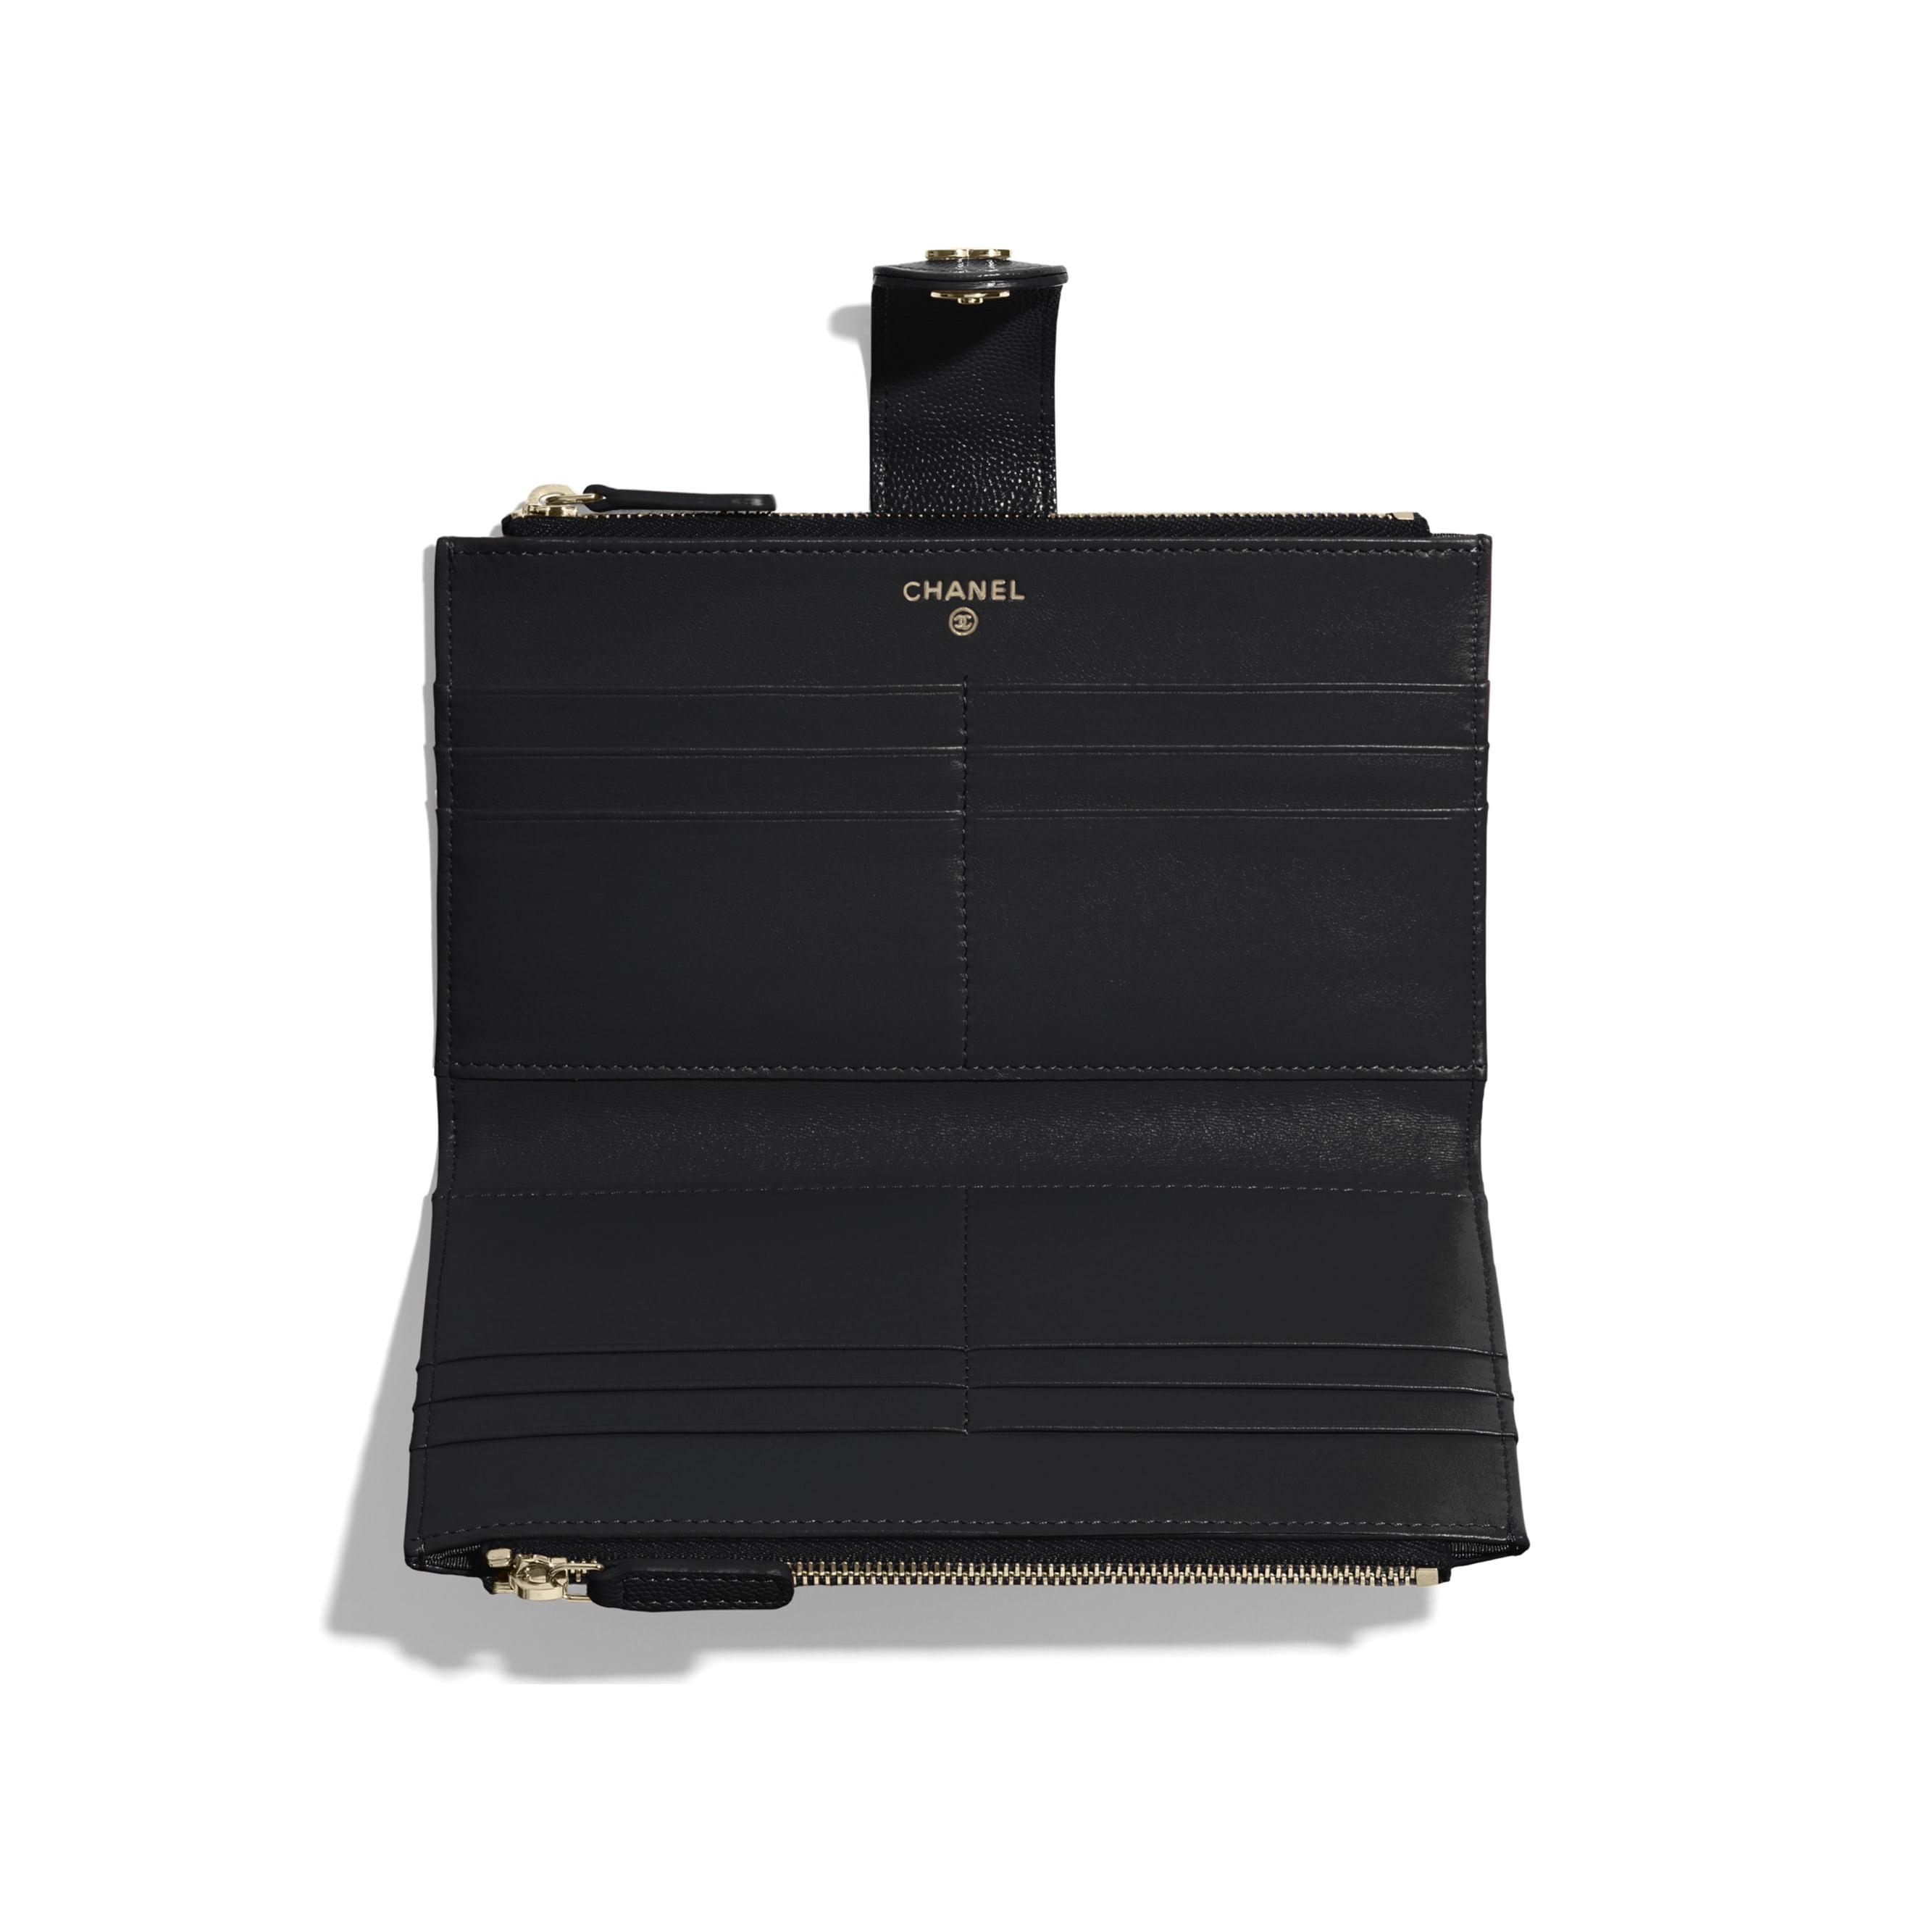 กระเป๋าสตางค์ตกแต่งซิปใบยาวทรงคลาสสิค - สีดำ - หนังลูกวัวแบบมีลายเคลือบเงา และโลหะสีทอง - CHANEL - มุมมองอื่น - ดูเวอร์ชันขนาดมาตรฐาน